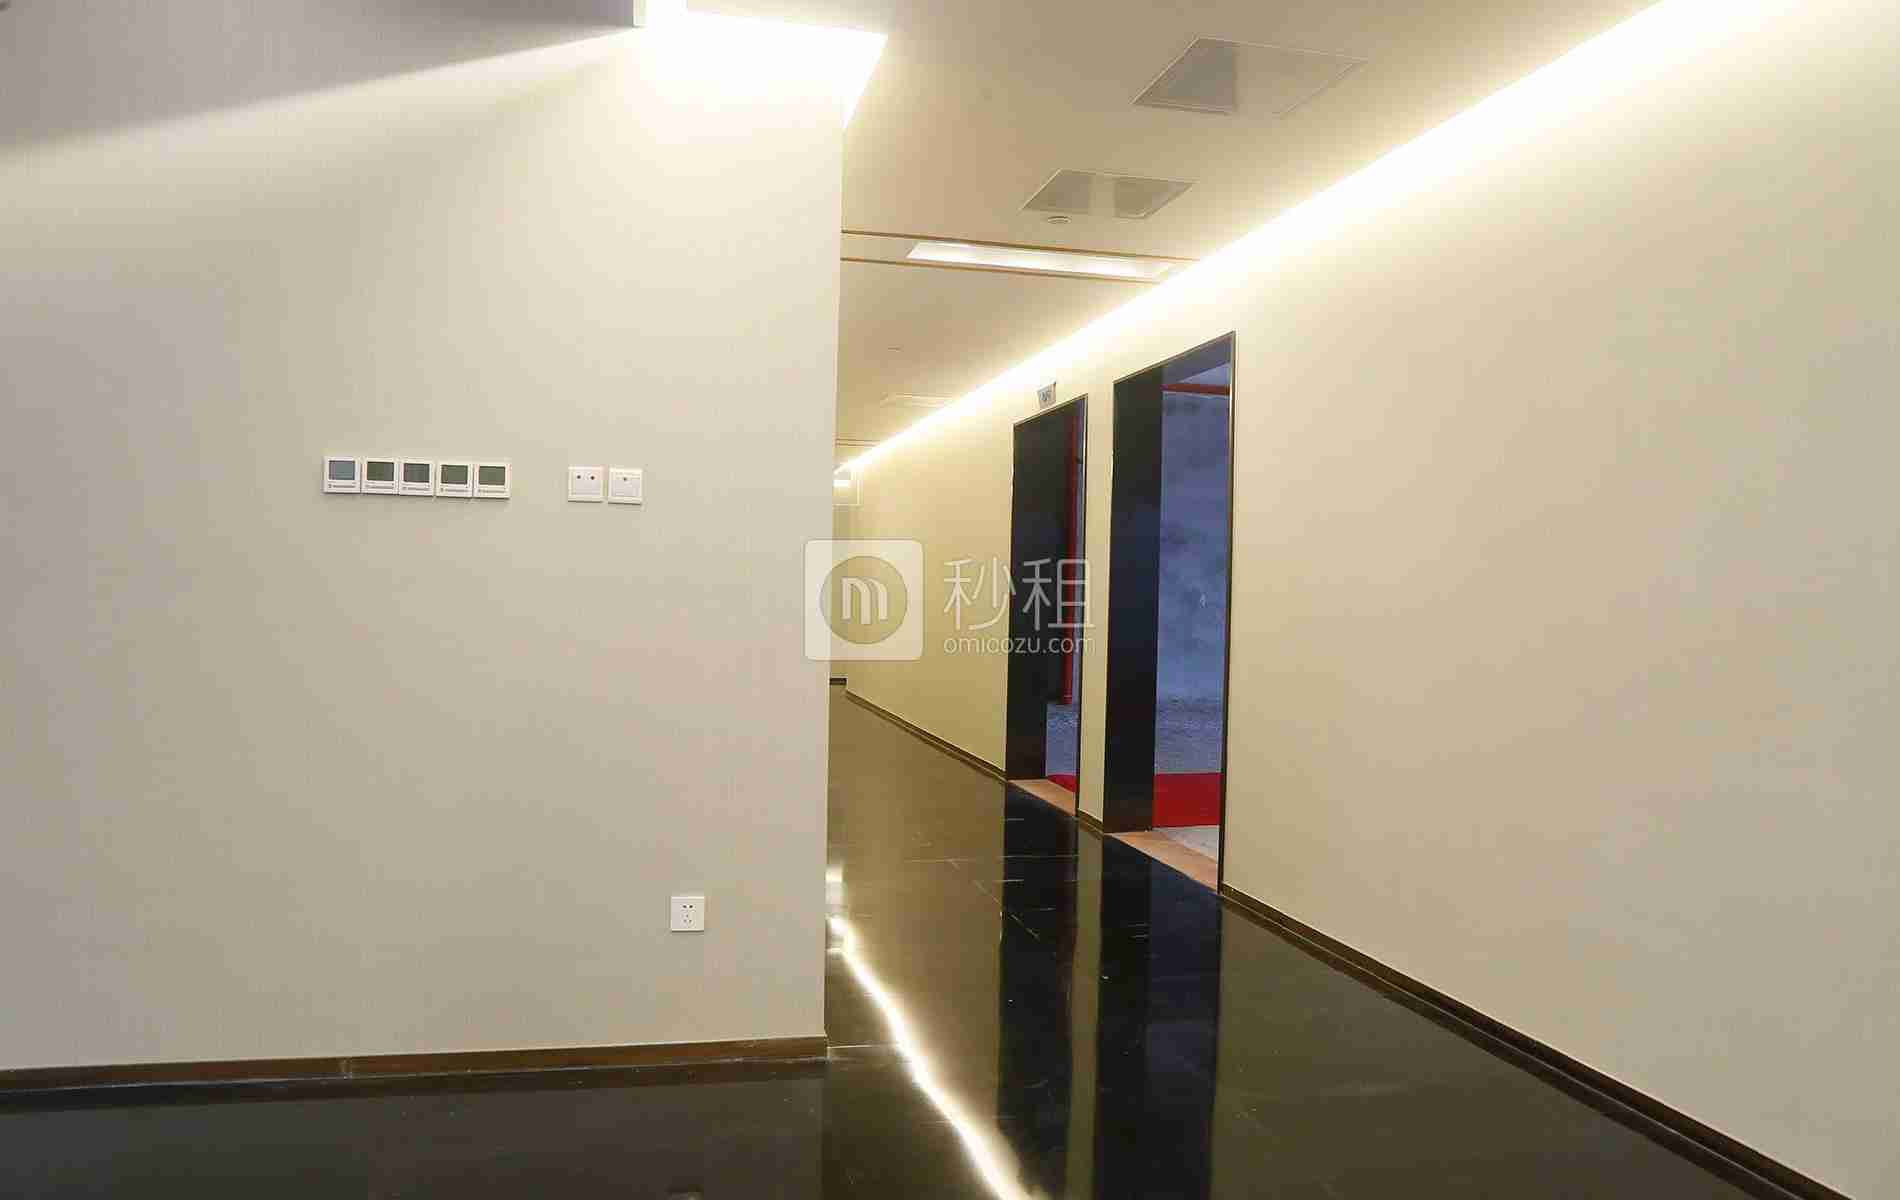 海翔广场写字楼出租/招租/租赁,海翔广场办公室出租/招租/租赁